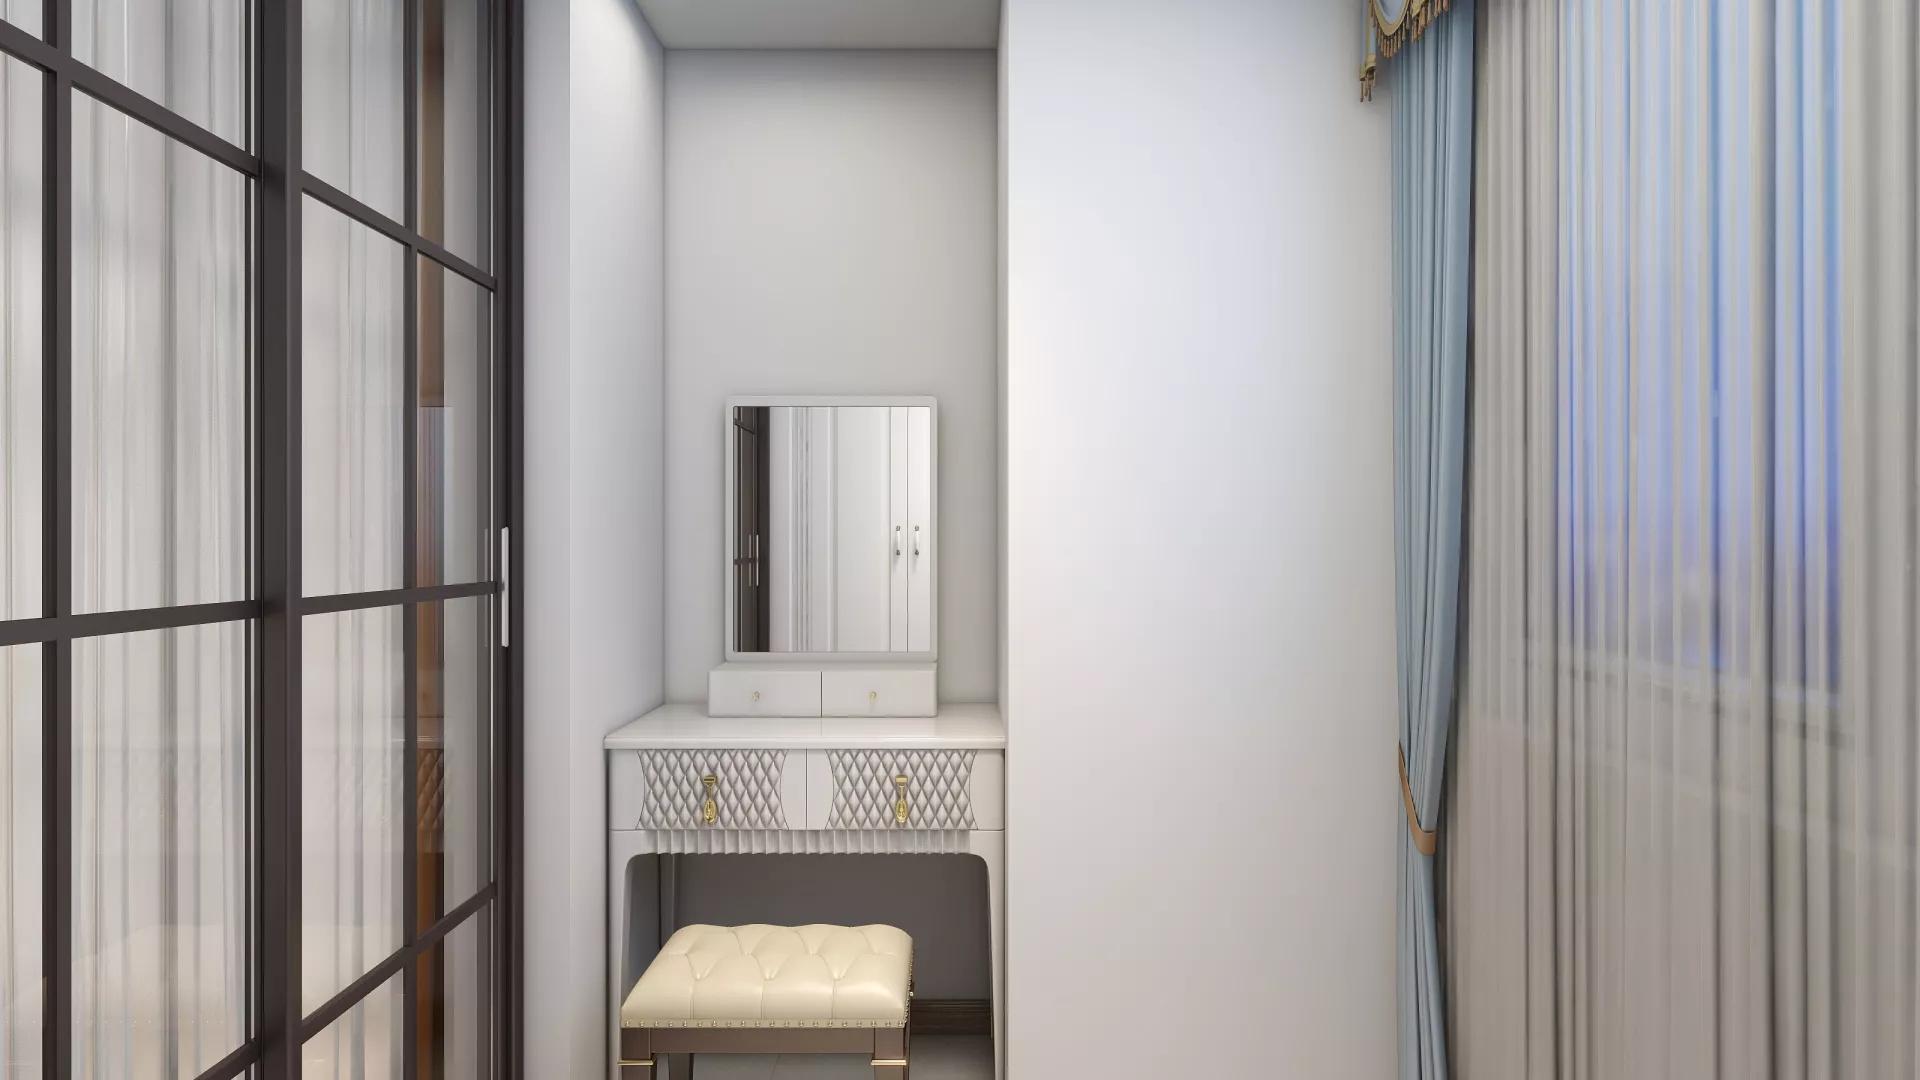 简约风格小清新卧室背景墙装修效果图